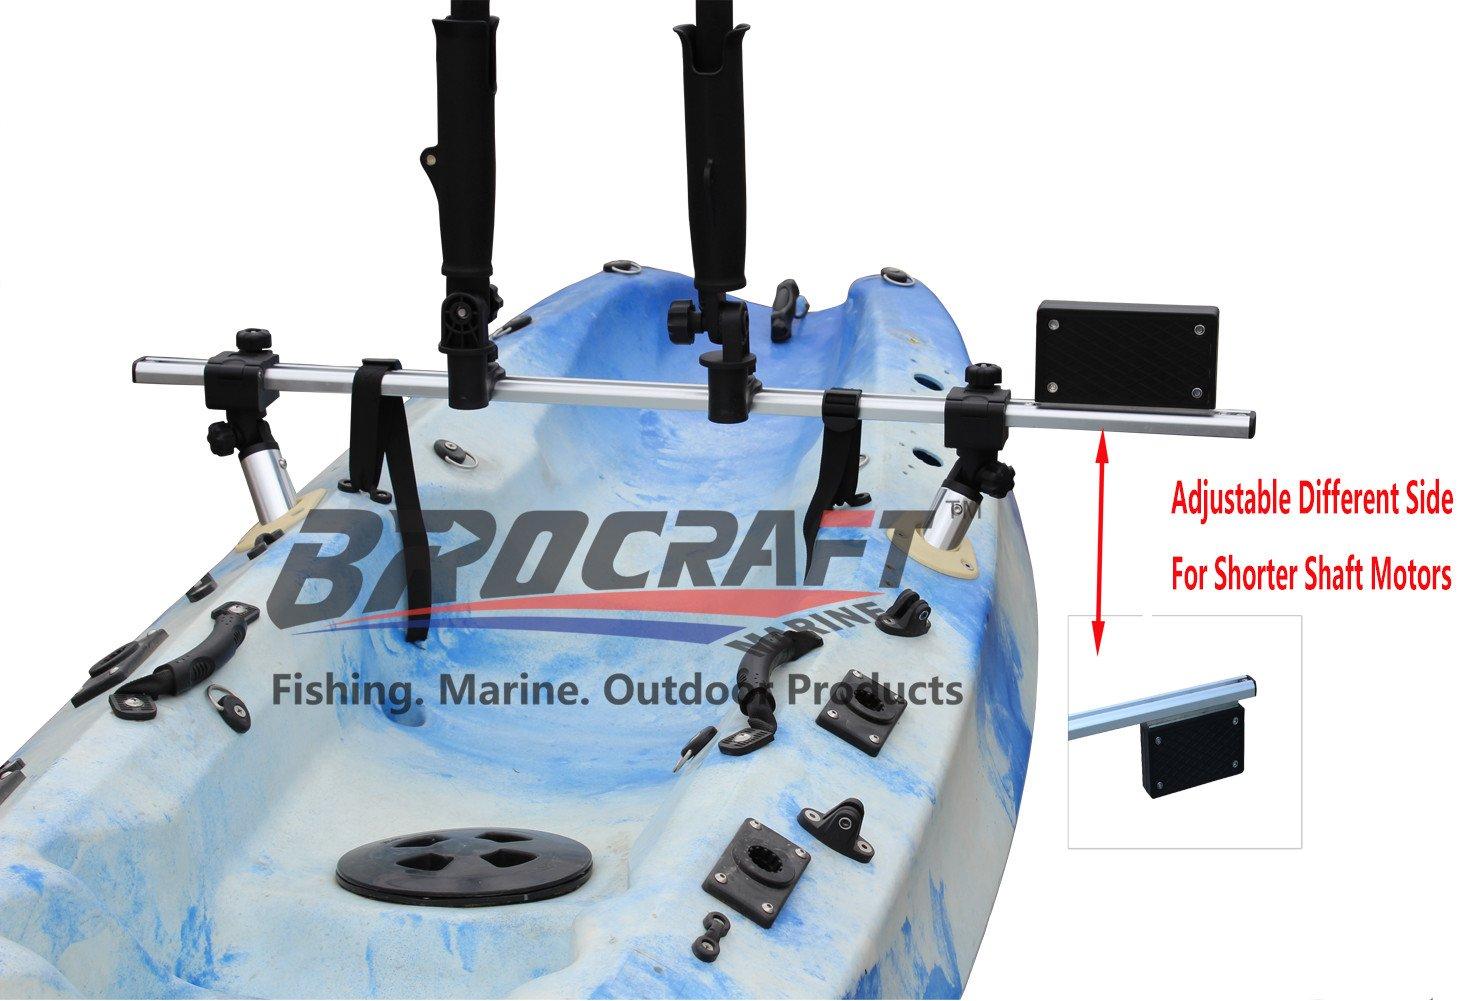 Brocraft Fishing Kayak Trolling Motor Mount Universal + Two Rocket Launching Rod Holder by Brocraft